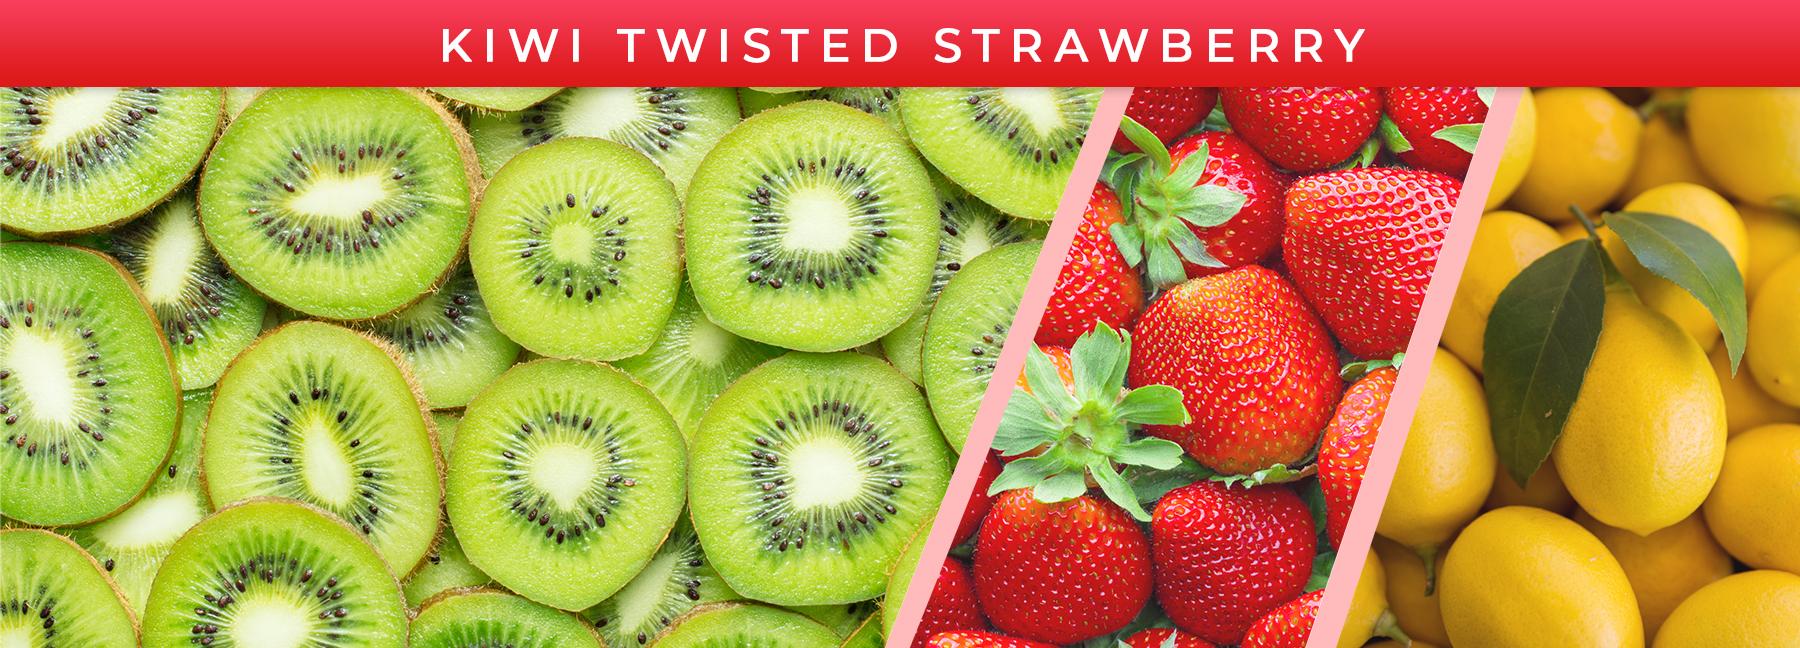 Kiwi Twisted Strawberry fragrance elements